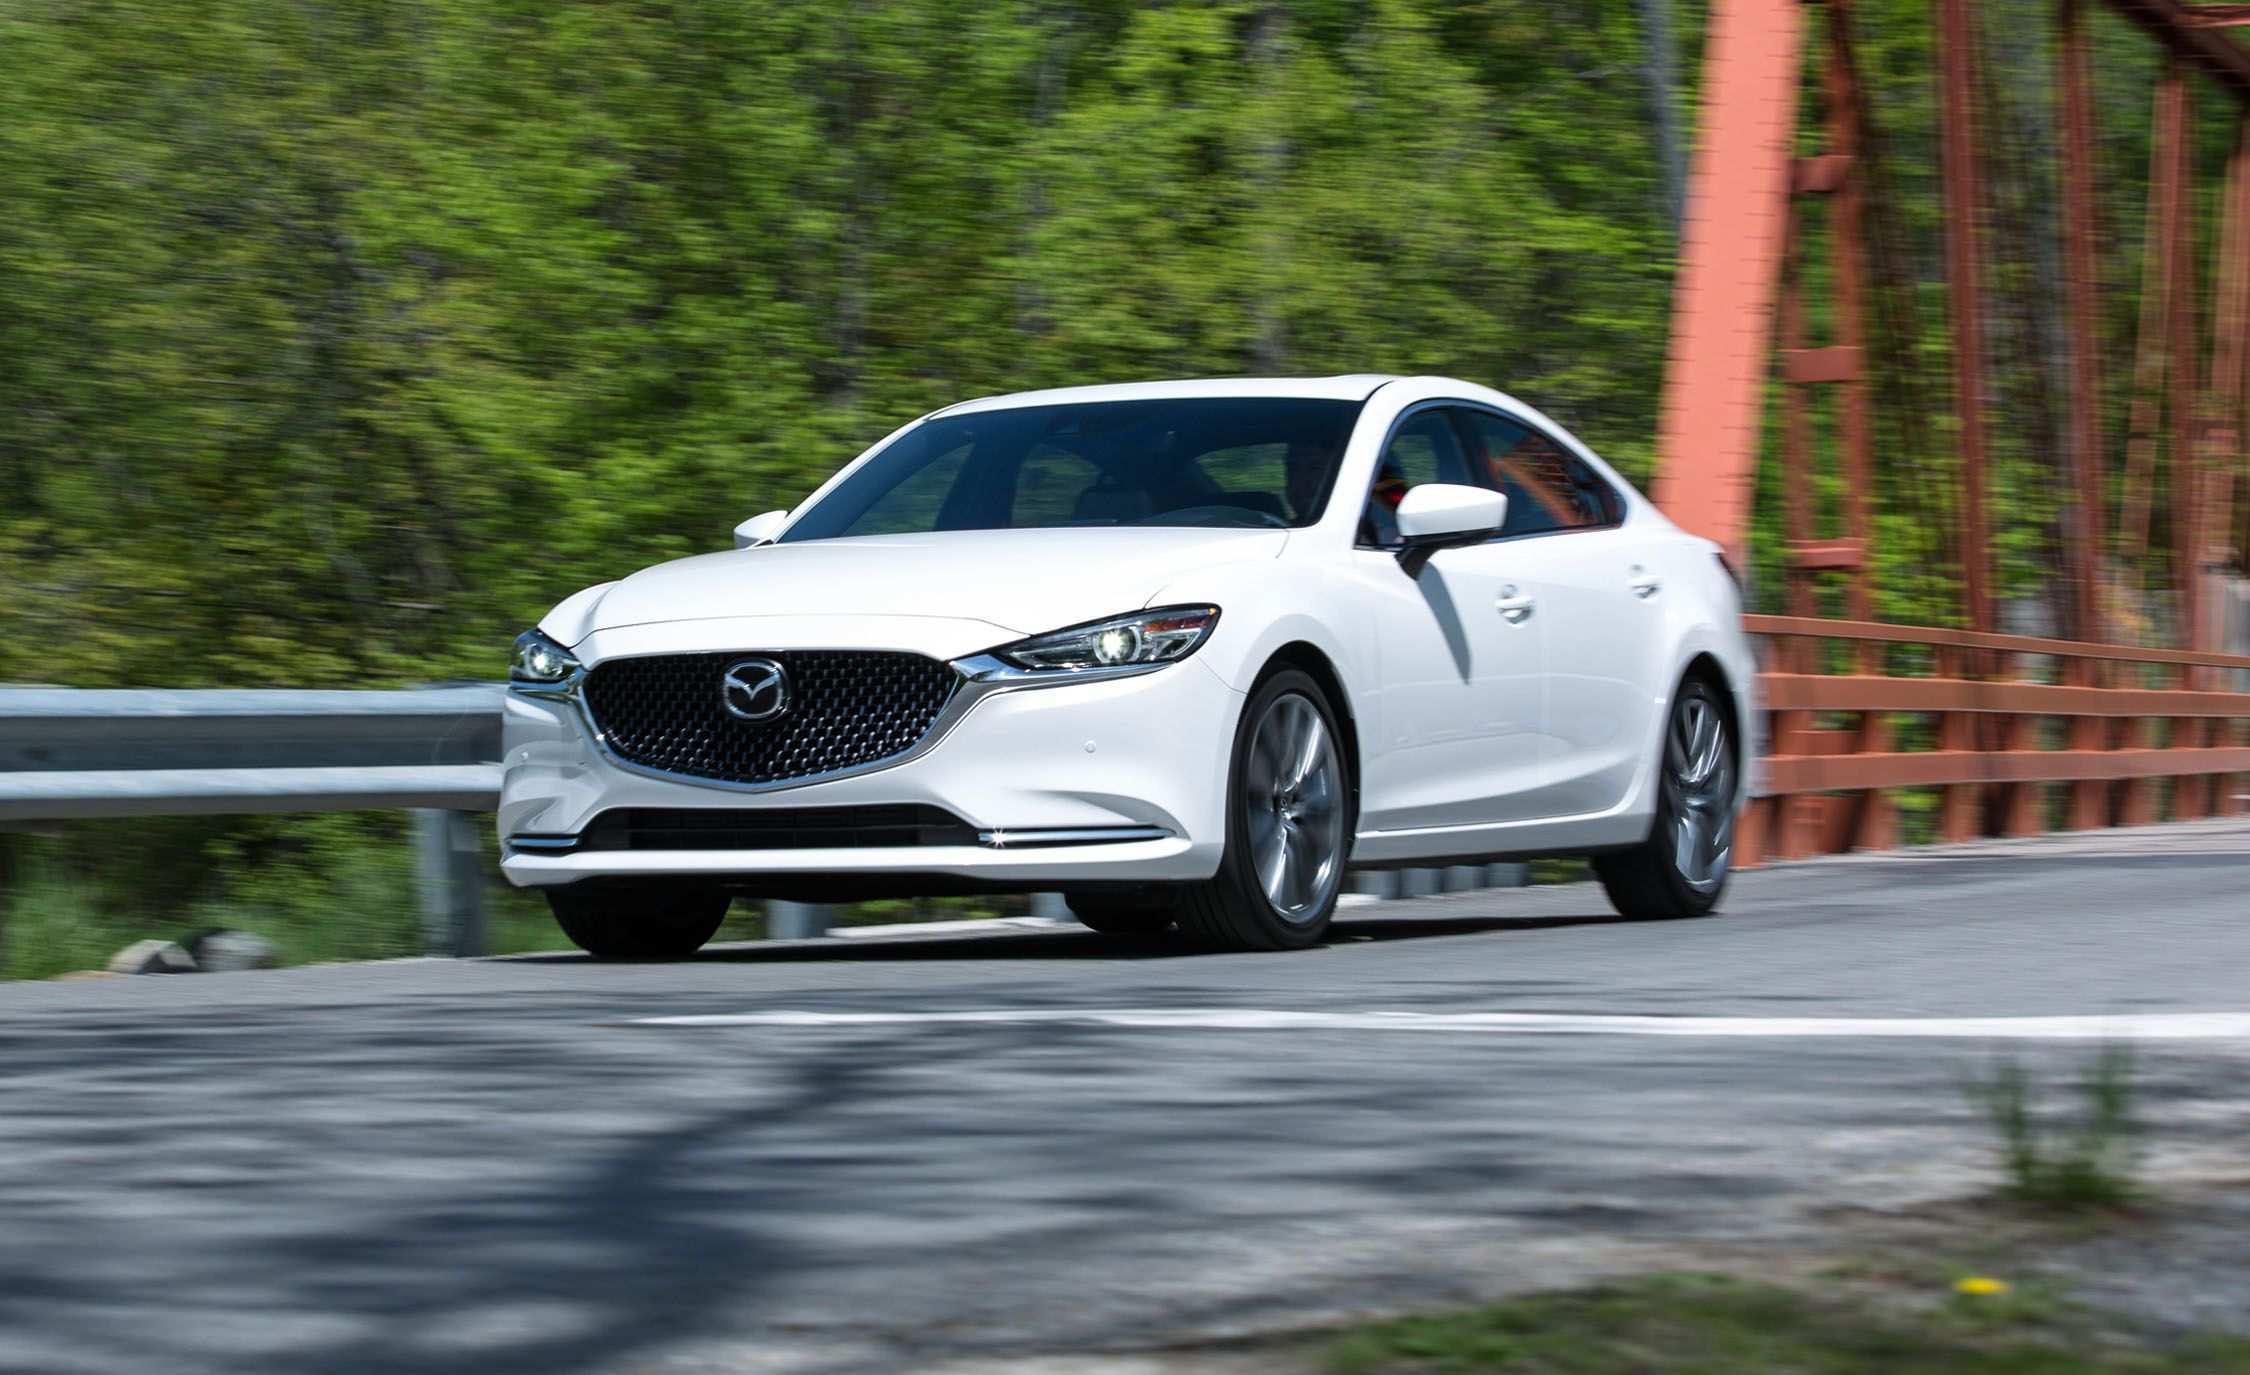 93 New Mazda 6 2020 Hp Engine with Mazda 6 2020 Hp